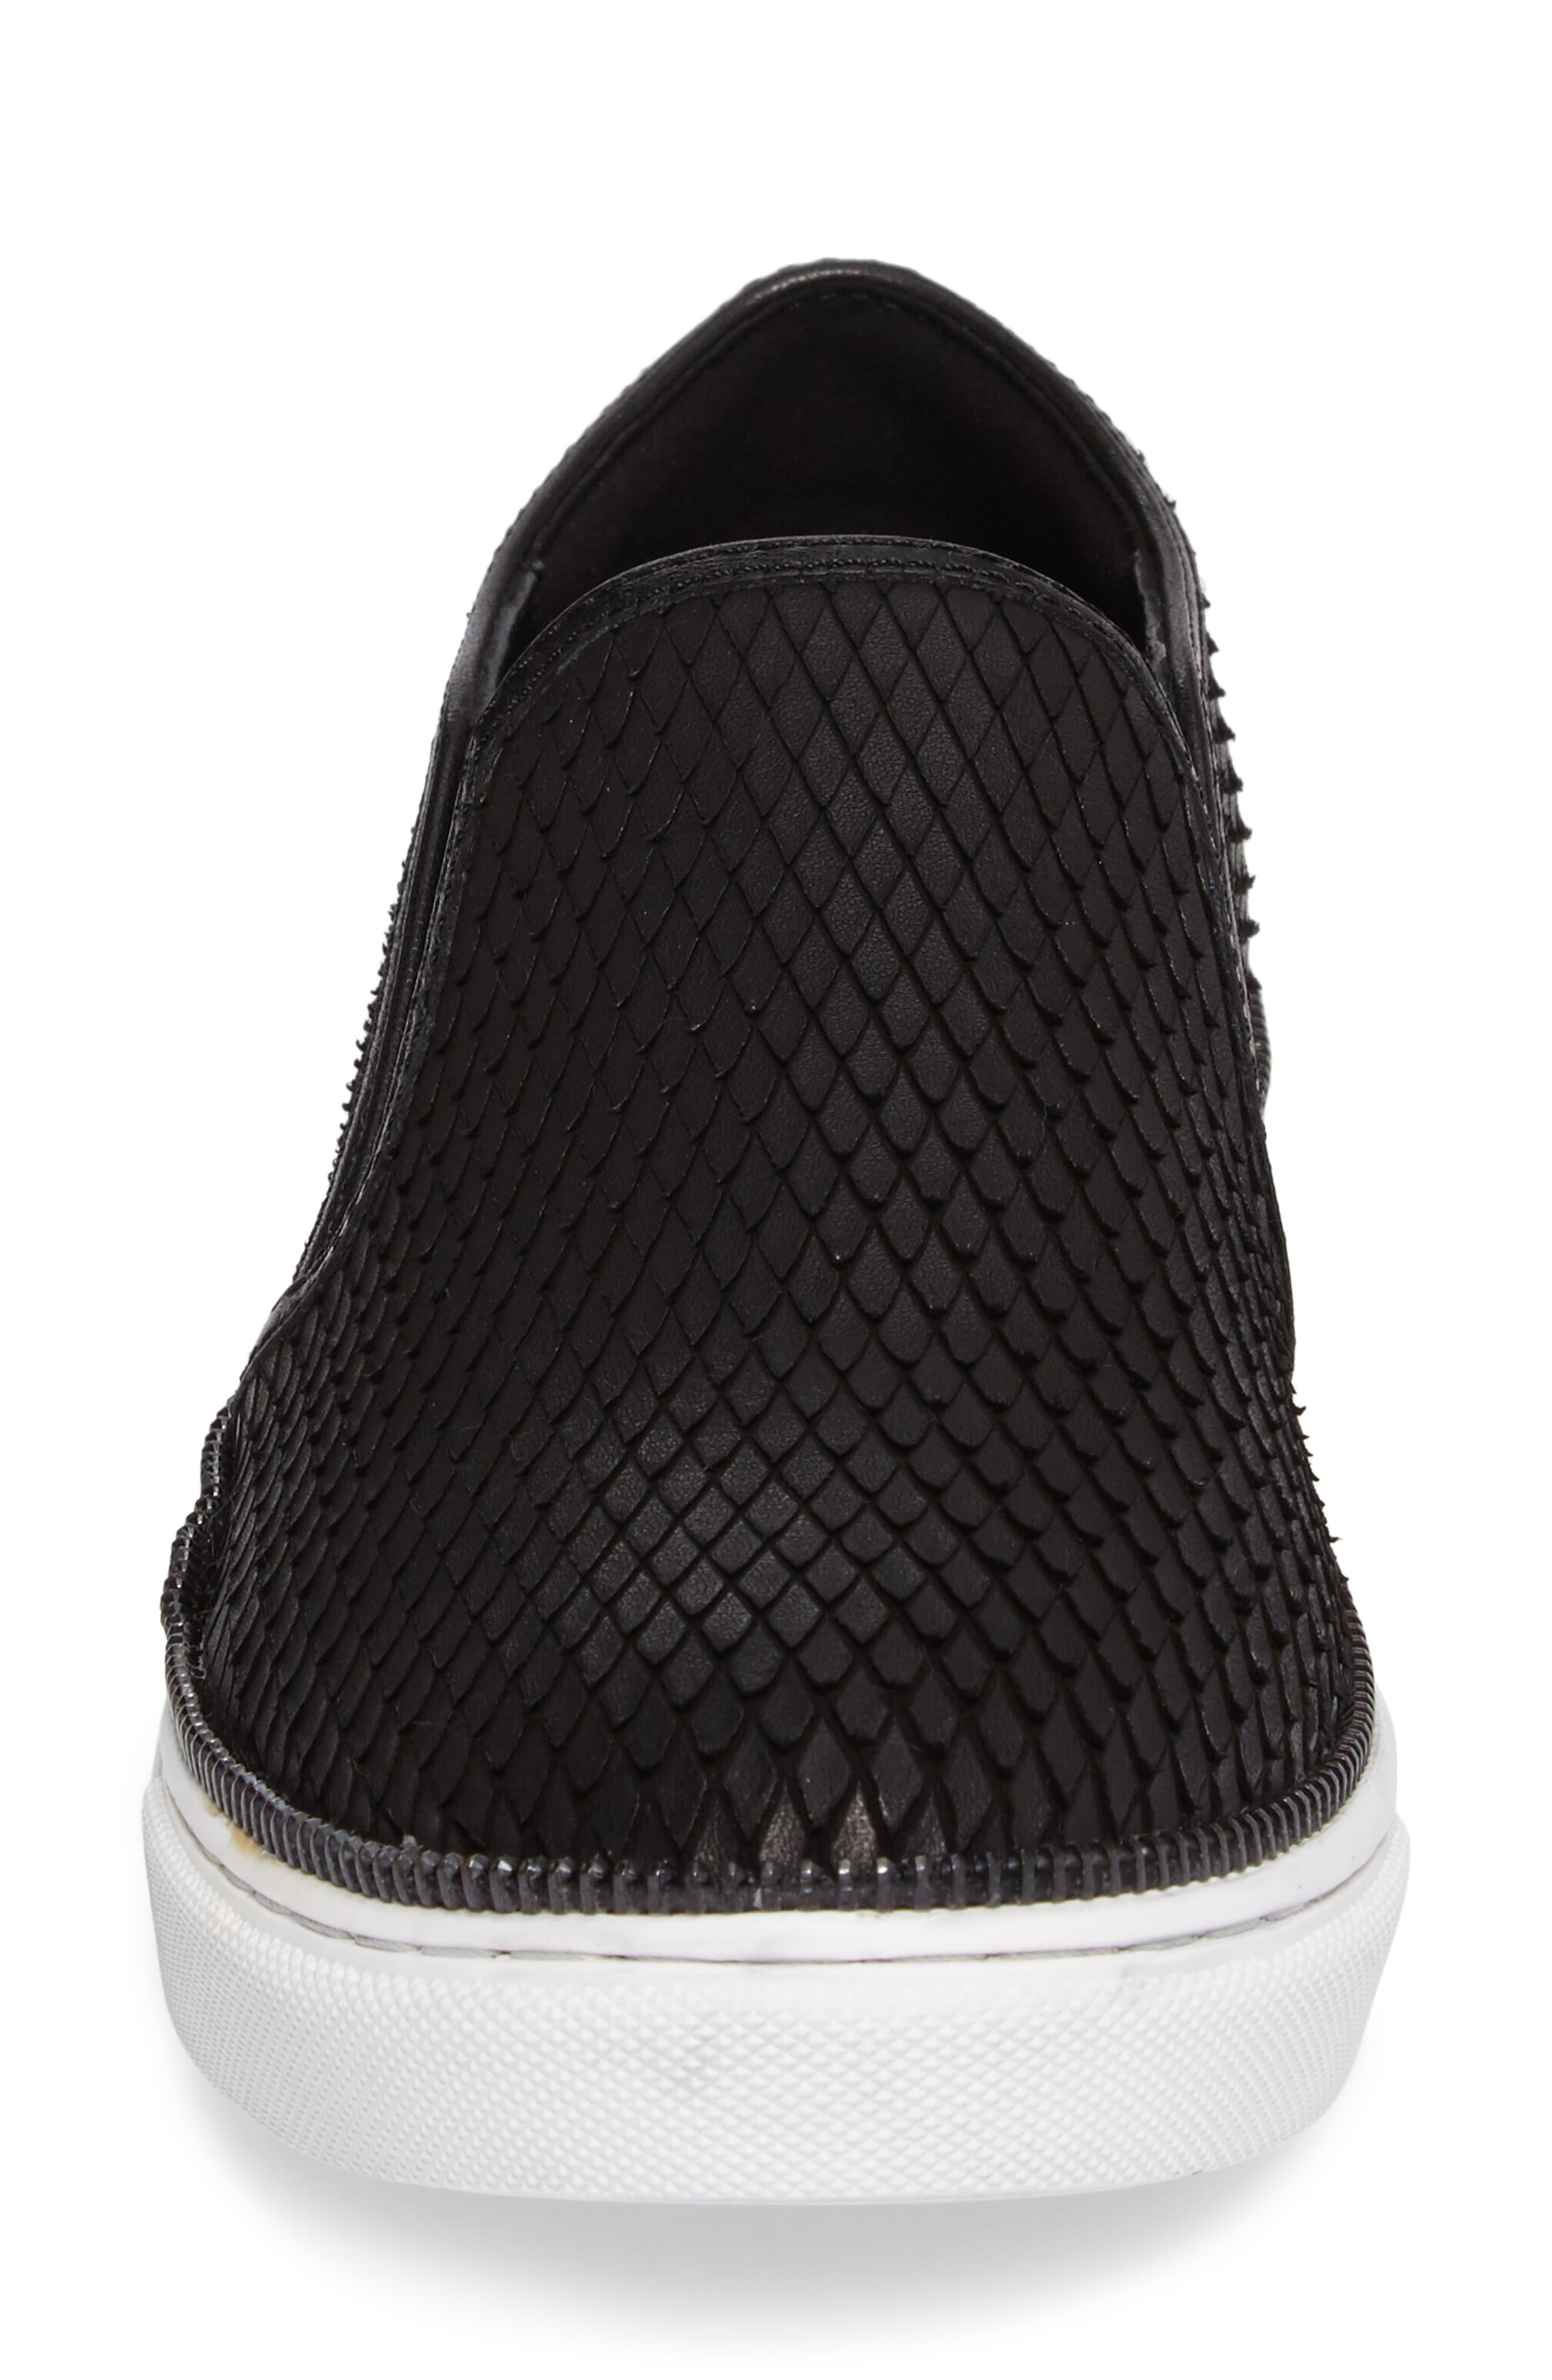 Alternate Image 2  - Botkier Harper Slip-On Sneaker (Women)